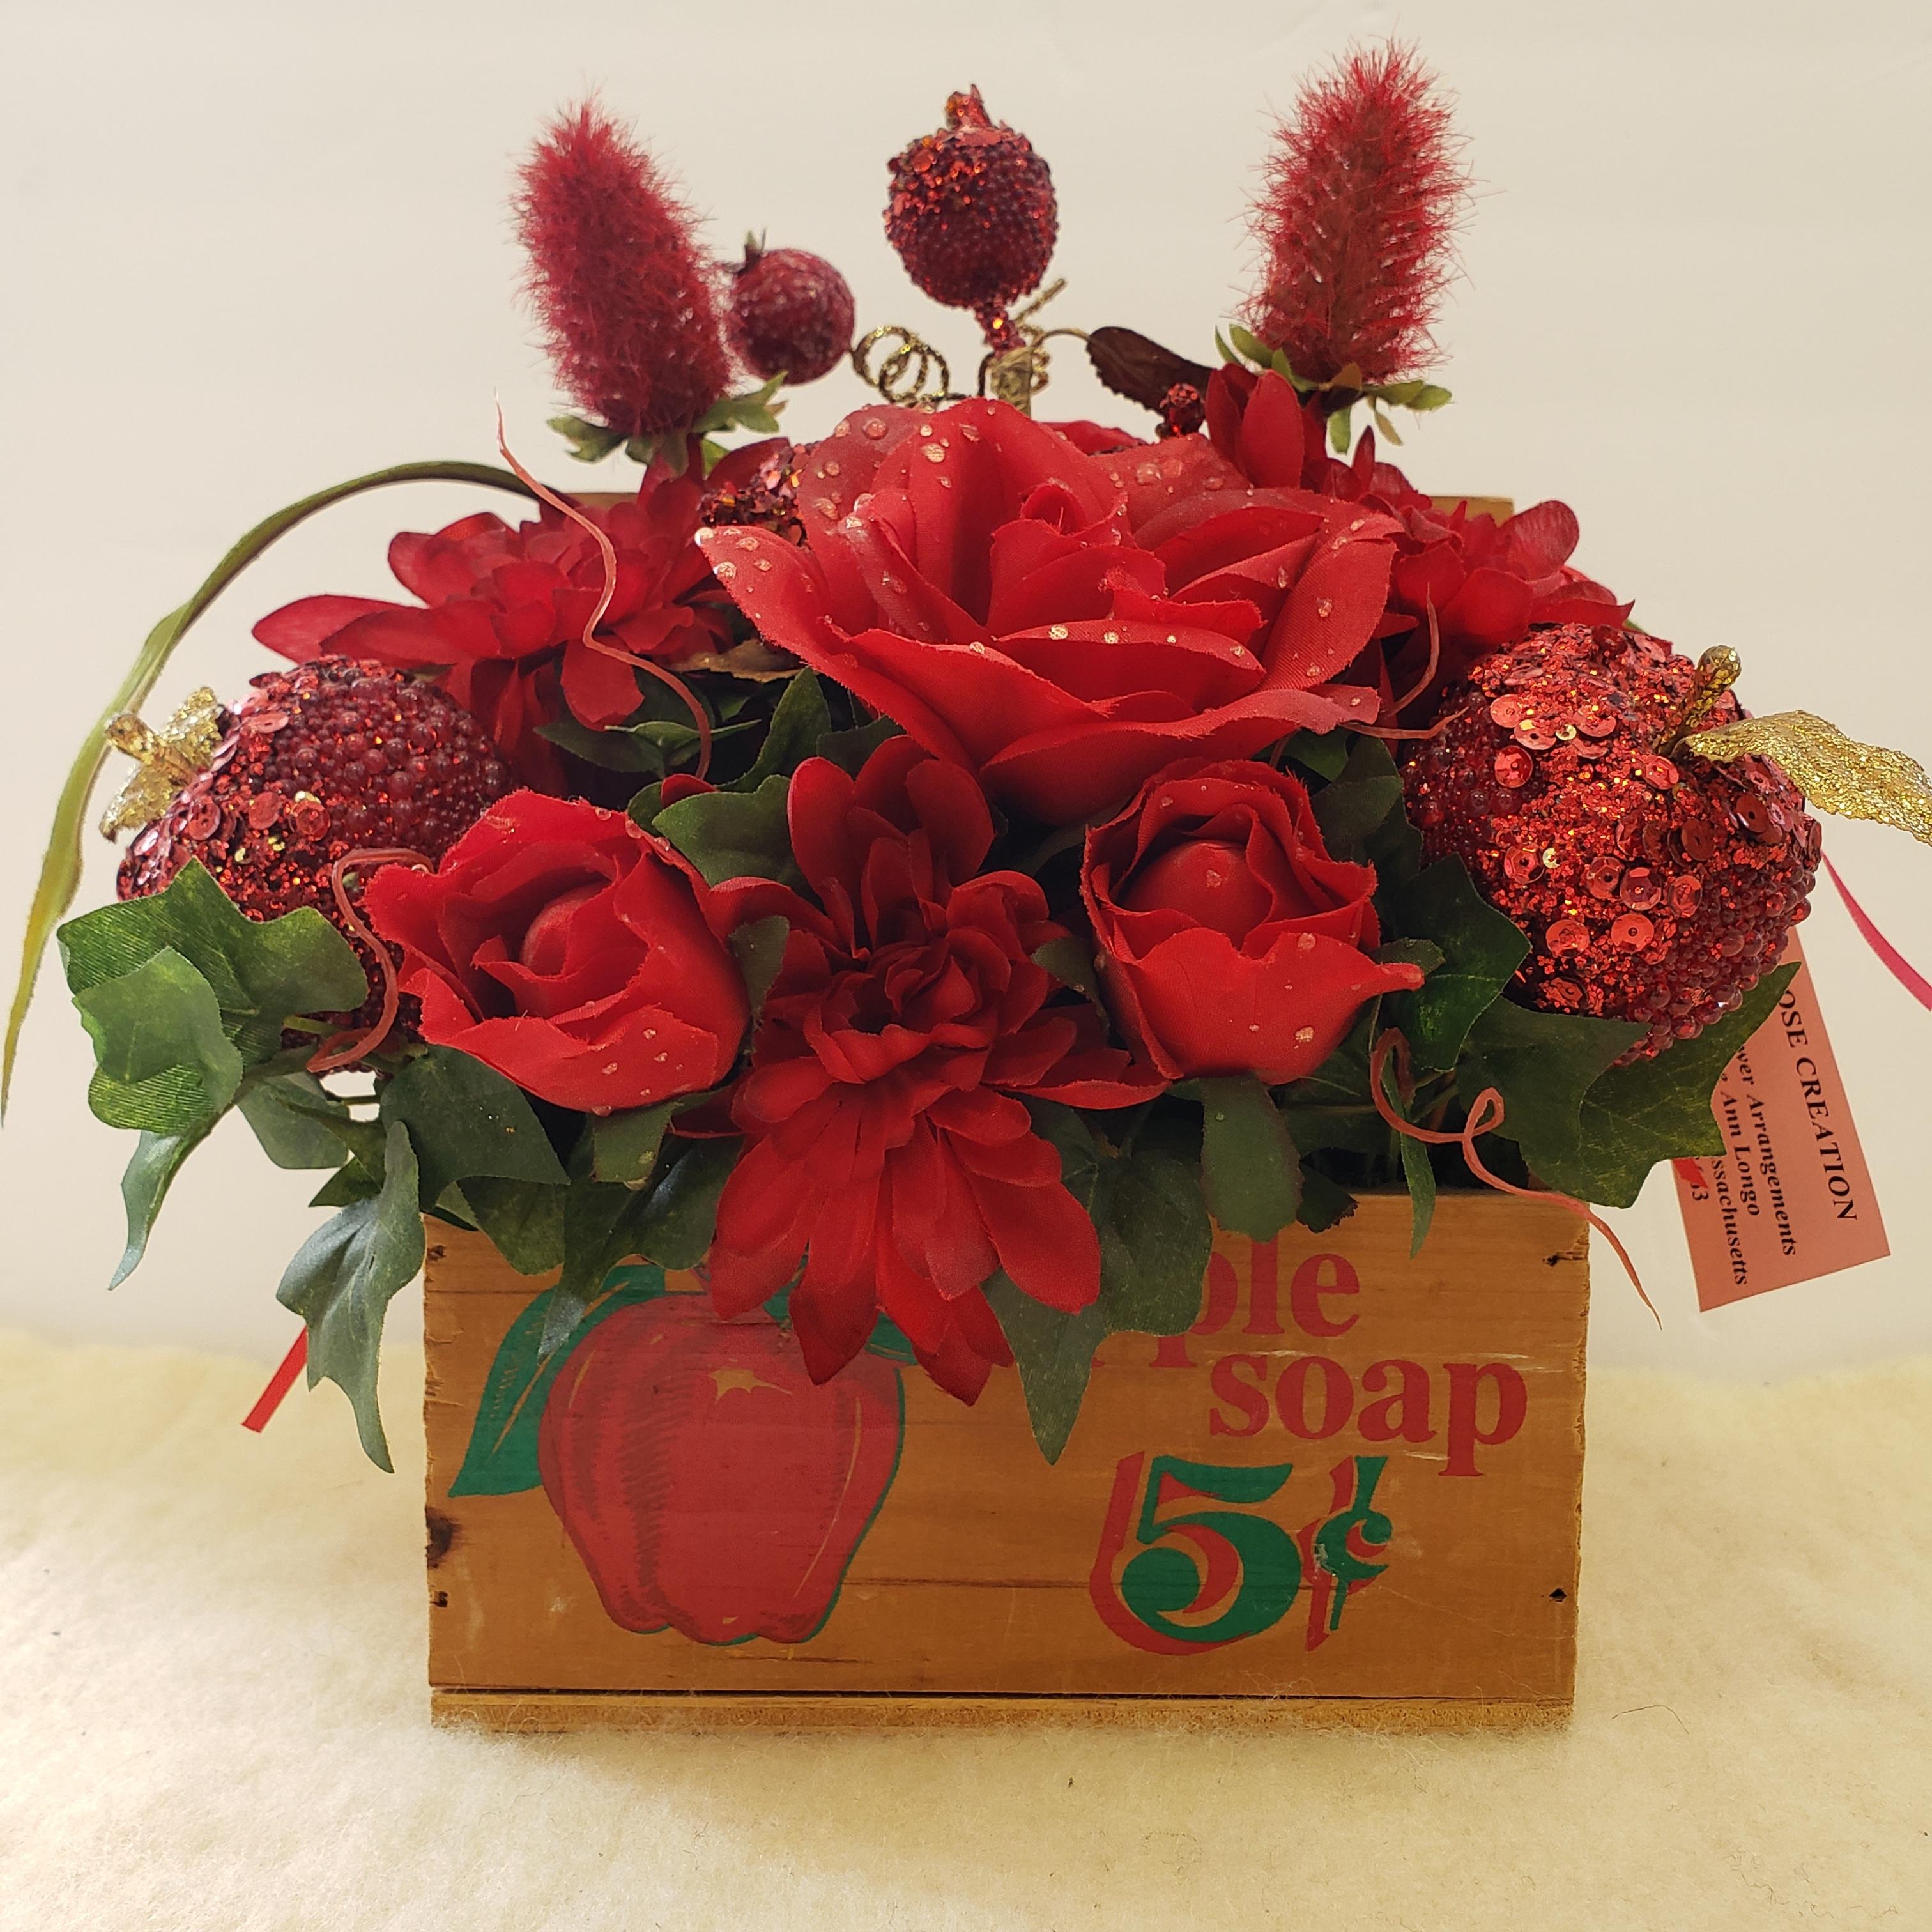 29-apple/rose crate